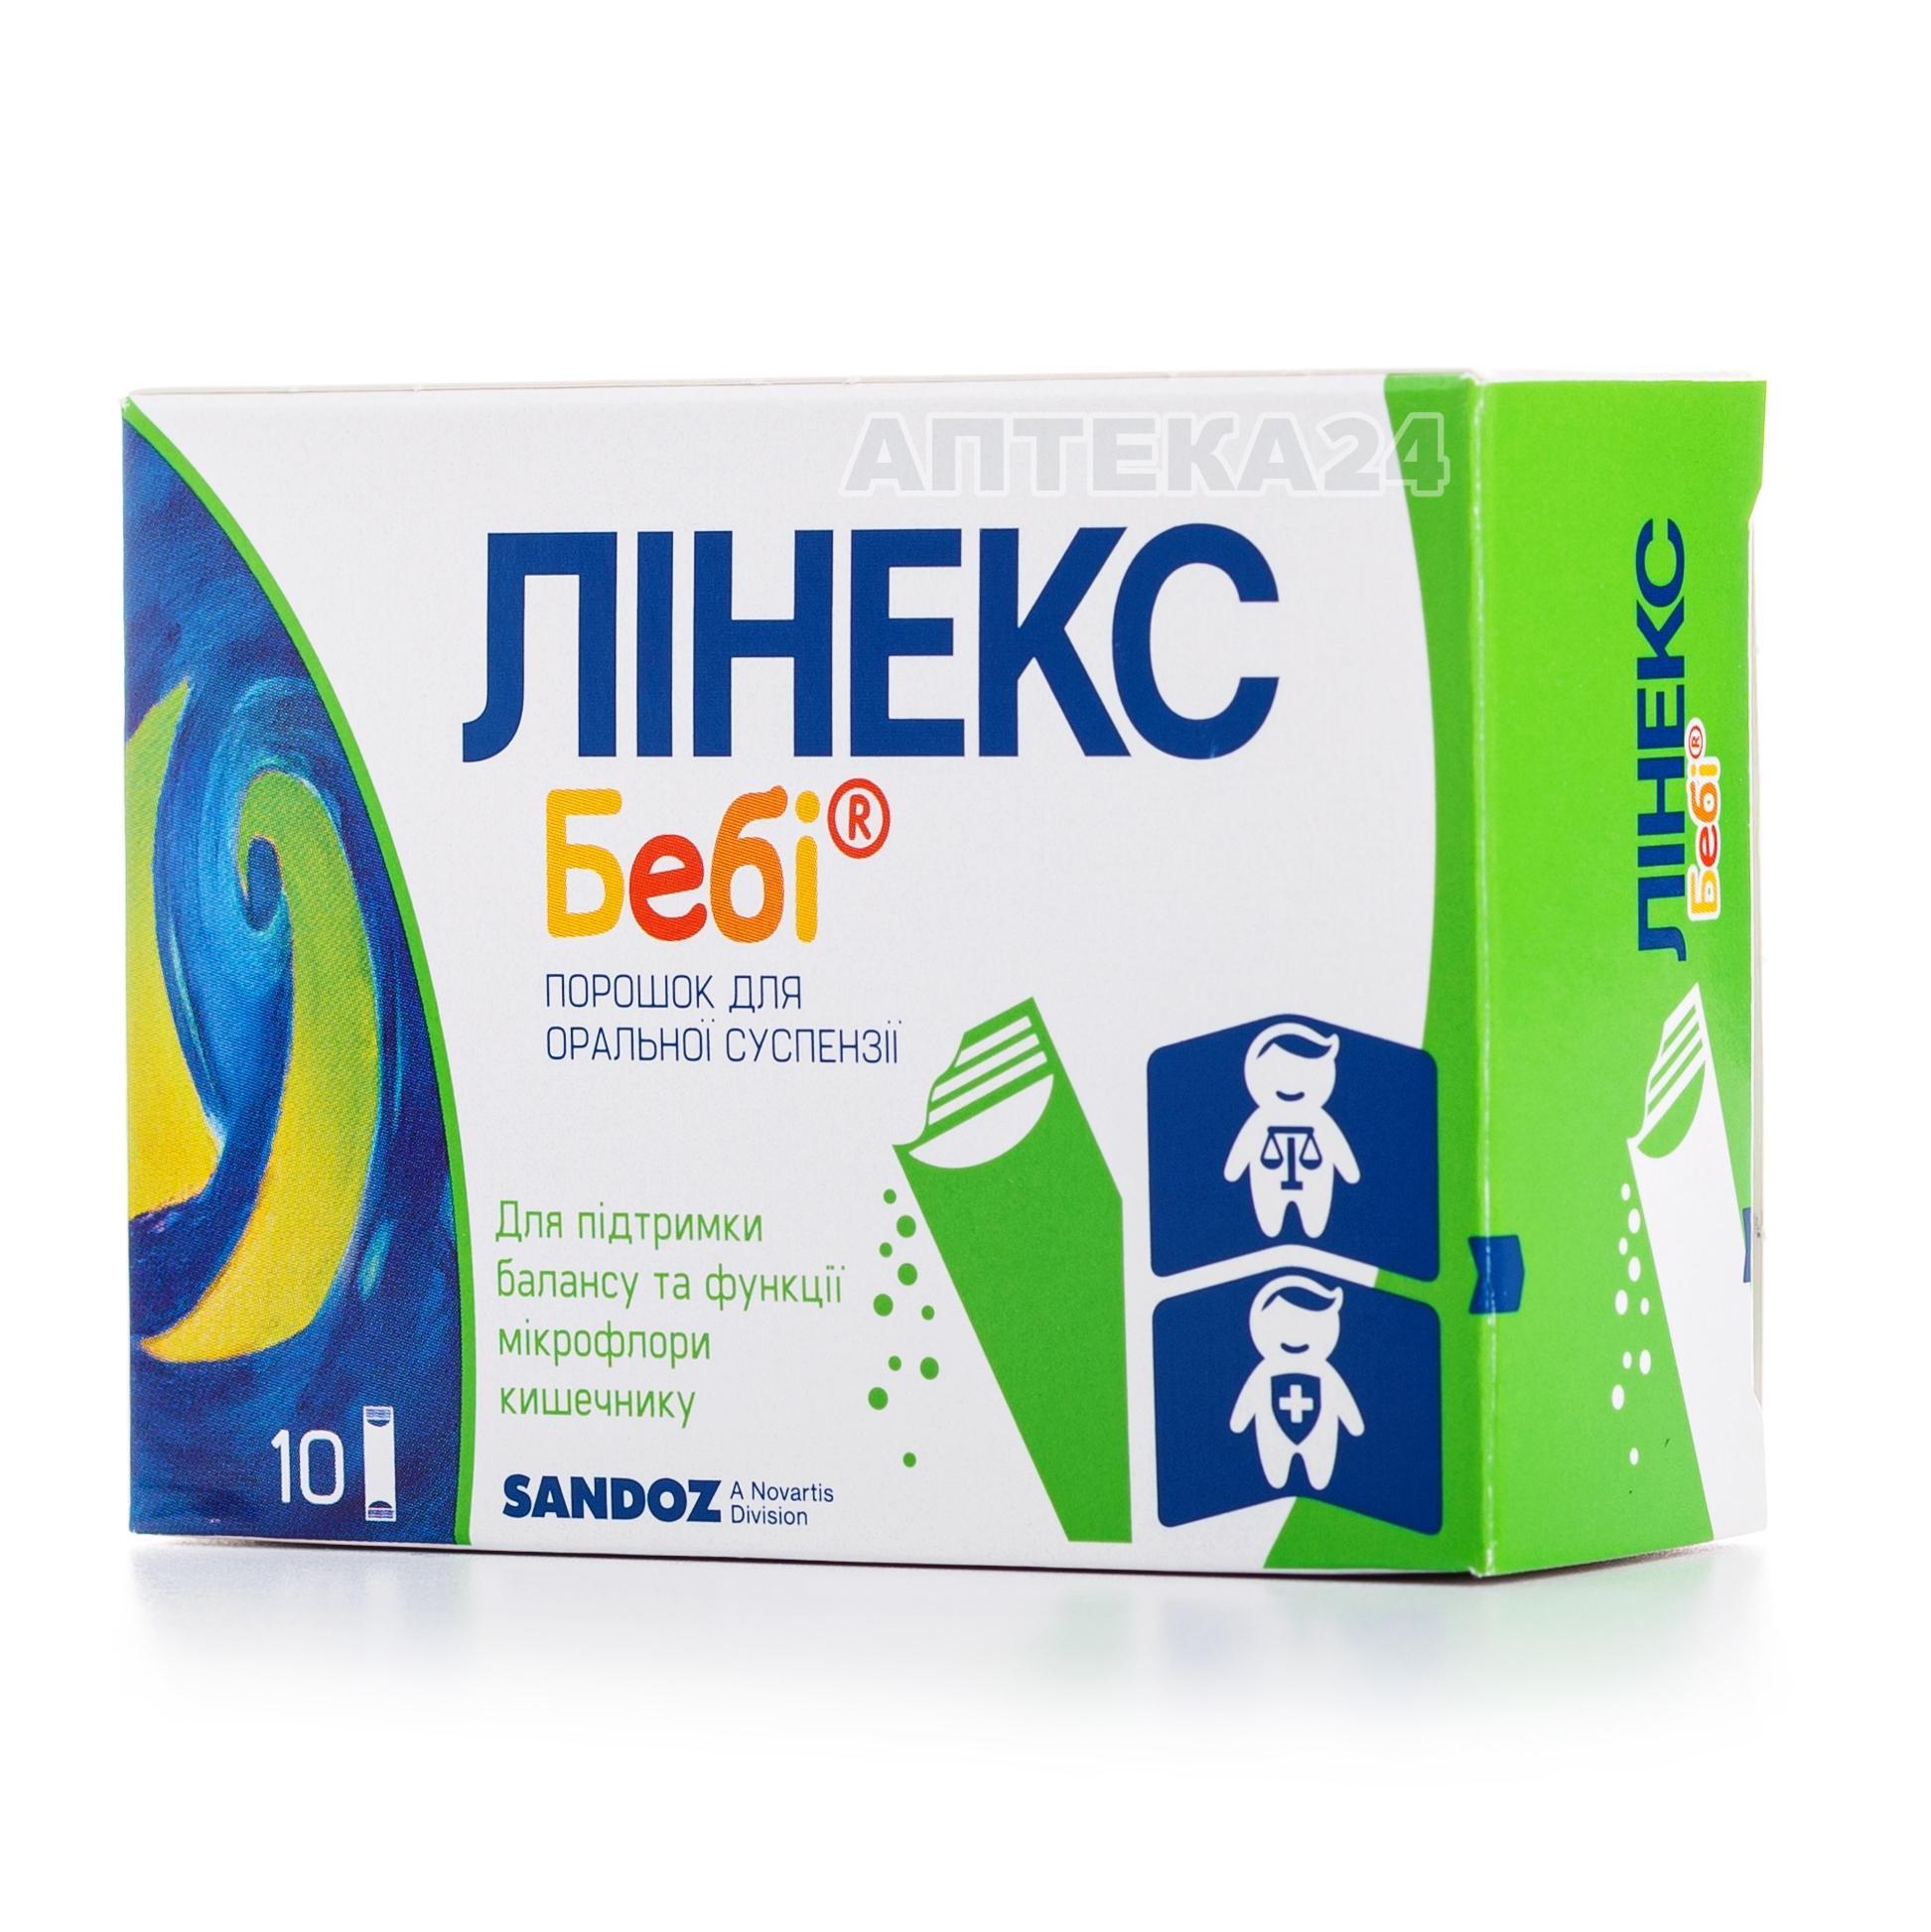 Линекс Беби 1.5 г N10 порошок для пероральной суспензии_60070fb413d09.jpeg